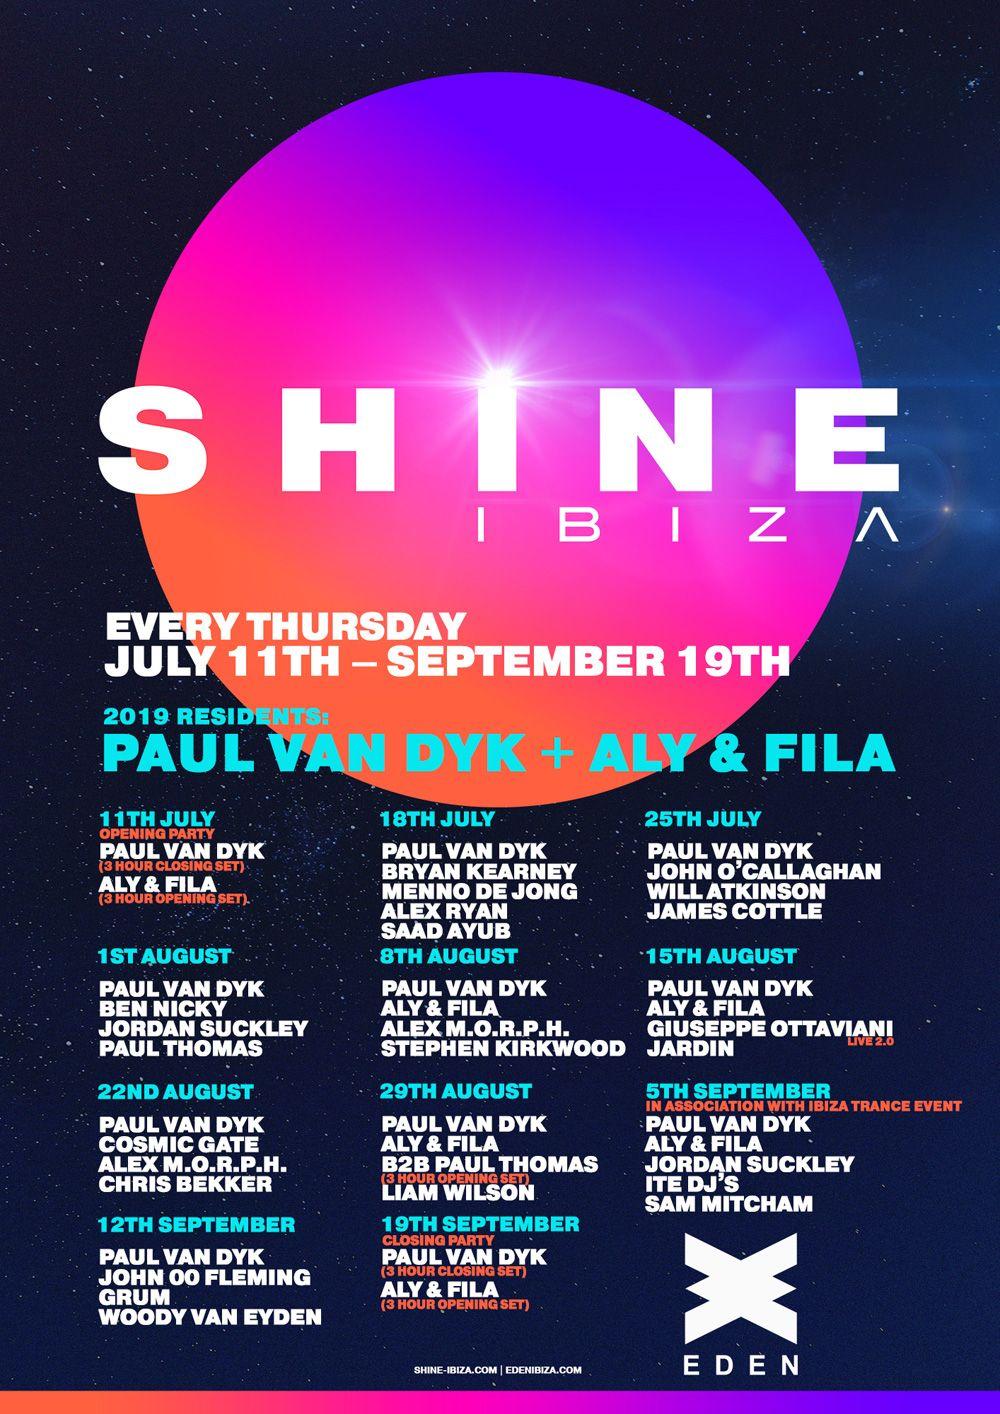 shine-ibiza-final-poster-full-roster.jpg